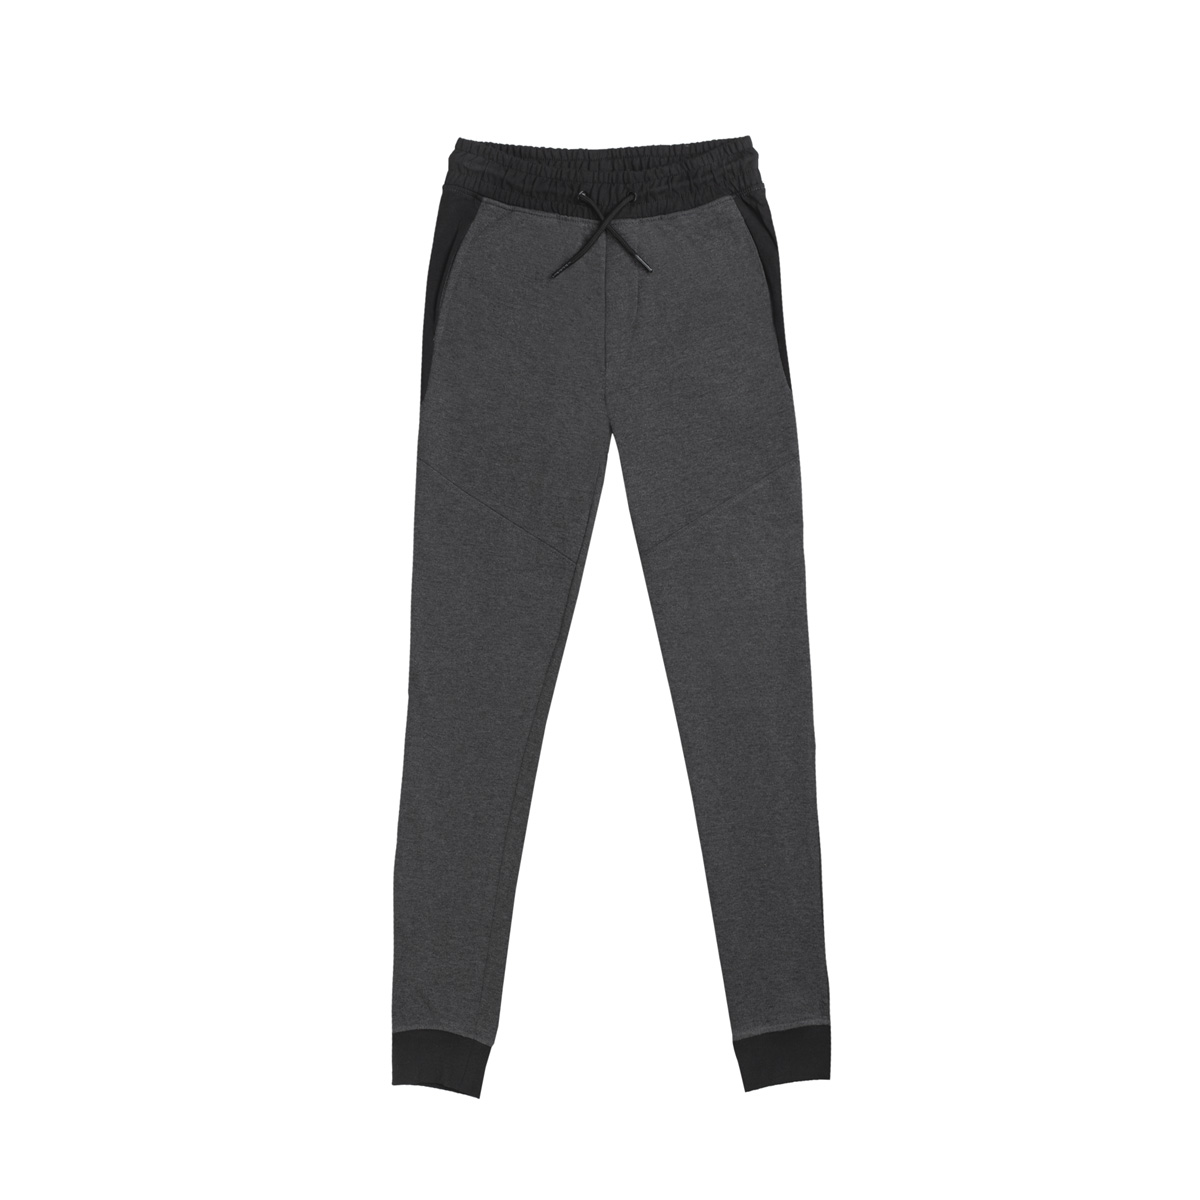 Fantovske hlače, temno melange siva